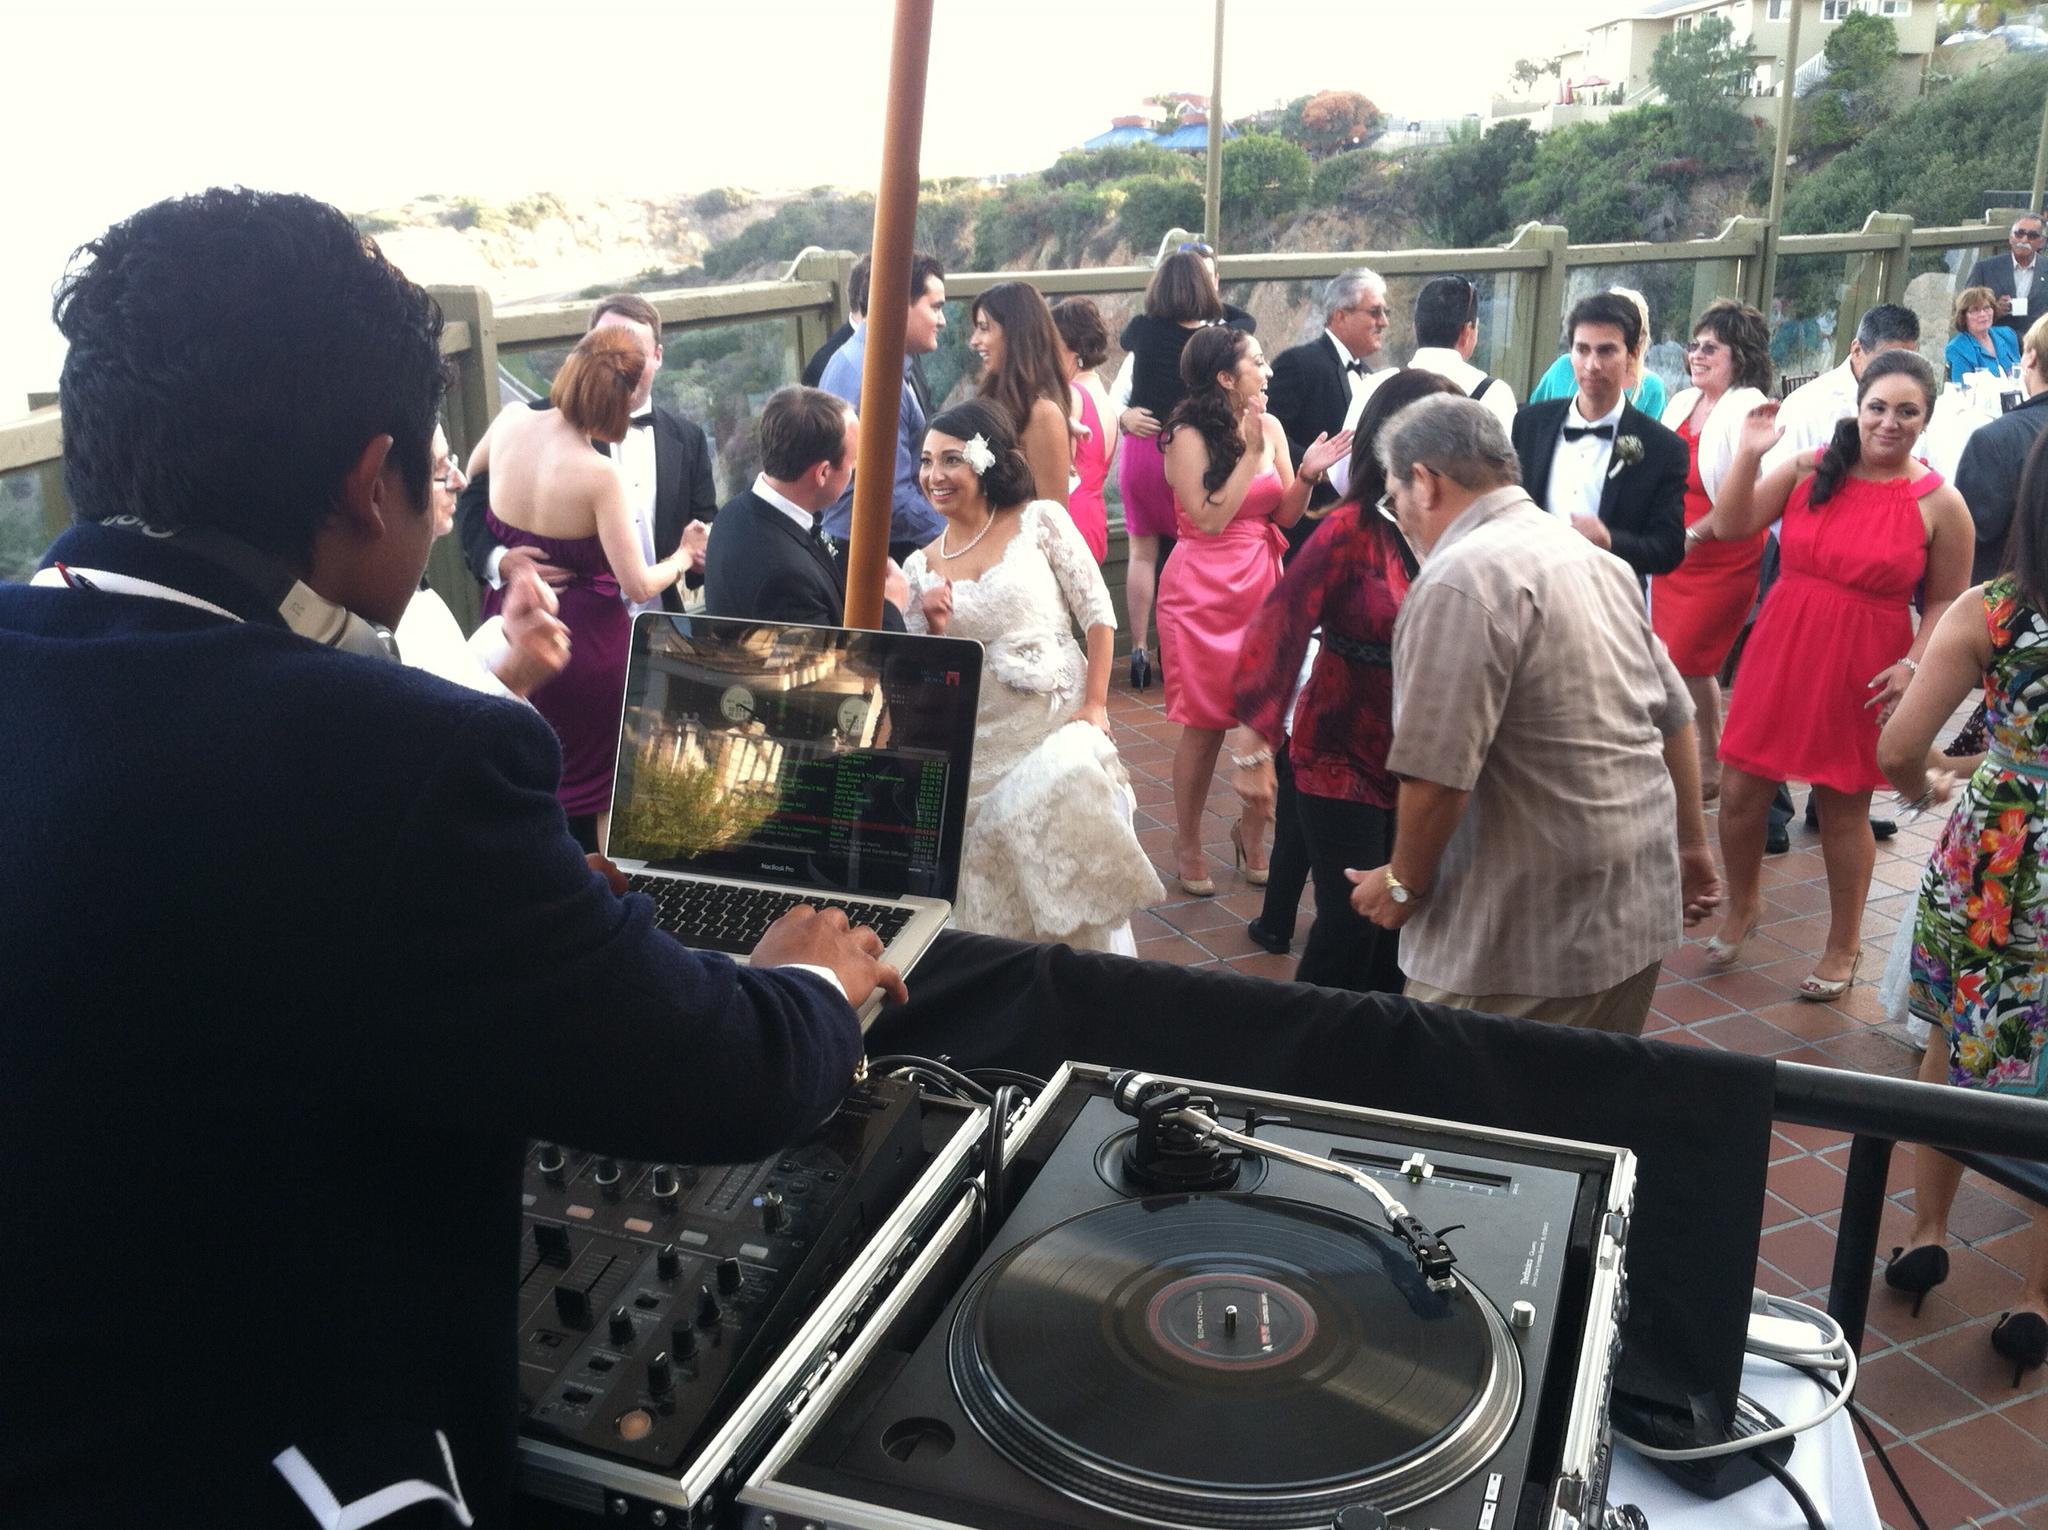 Dance Party 2 - Tim & Christina - Dana Point Wedding - Indie Wedding DJ Orange County